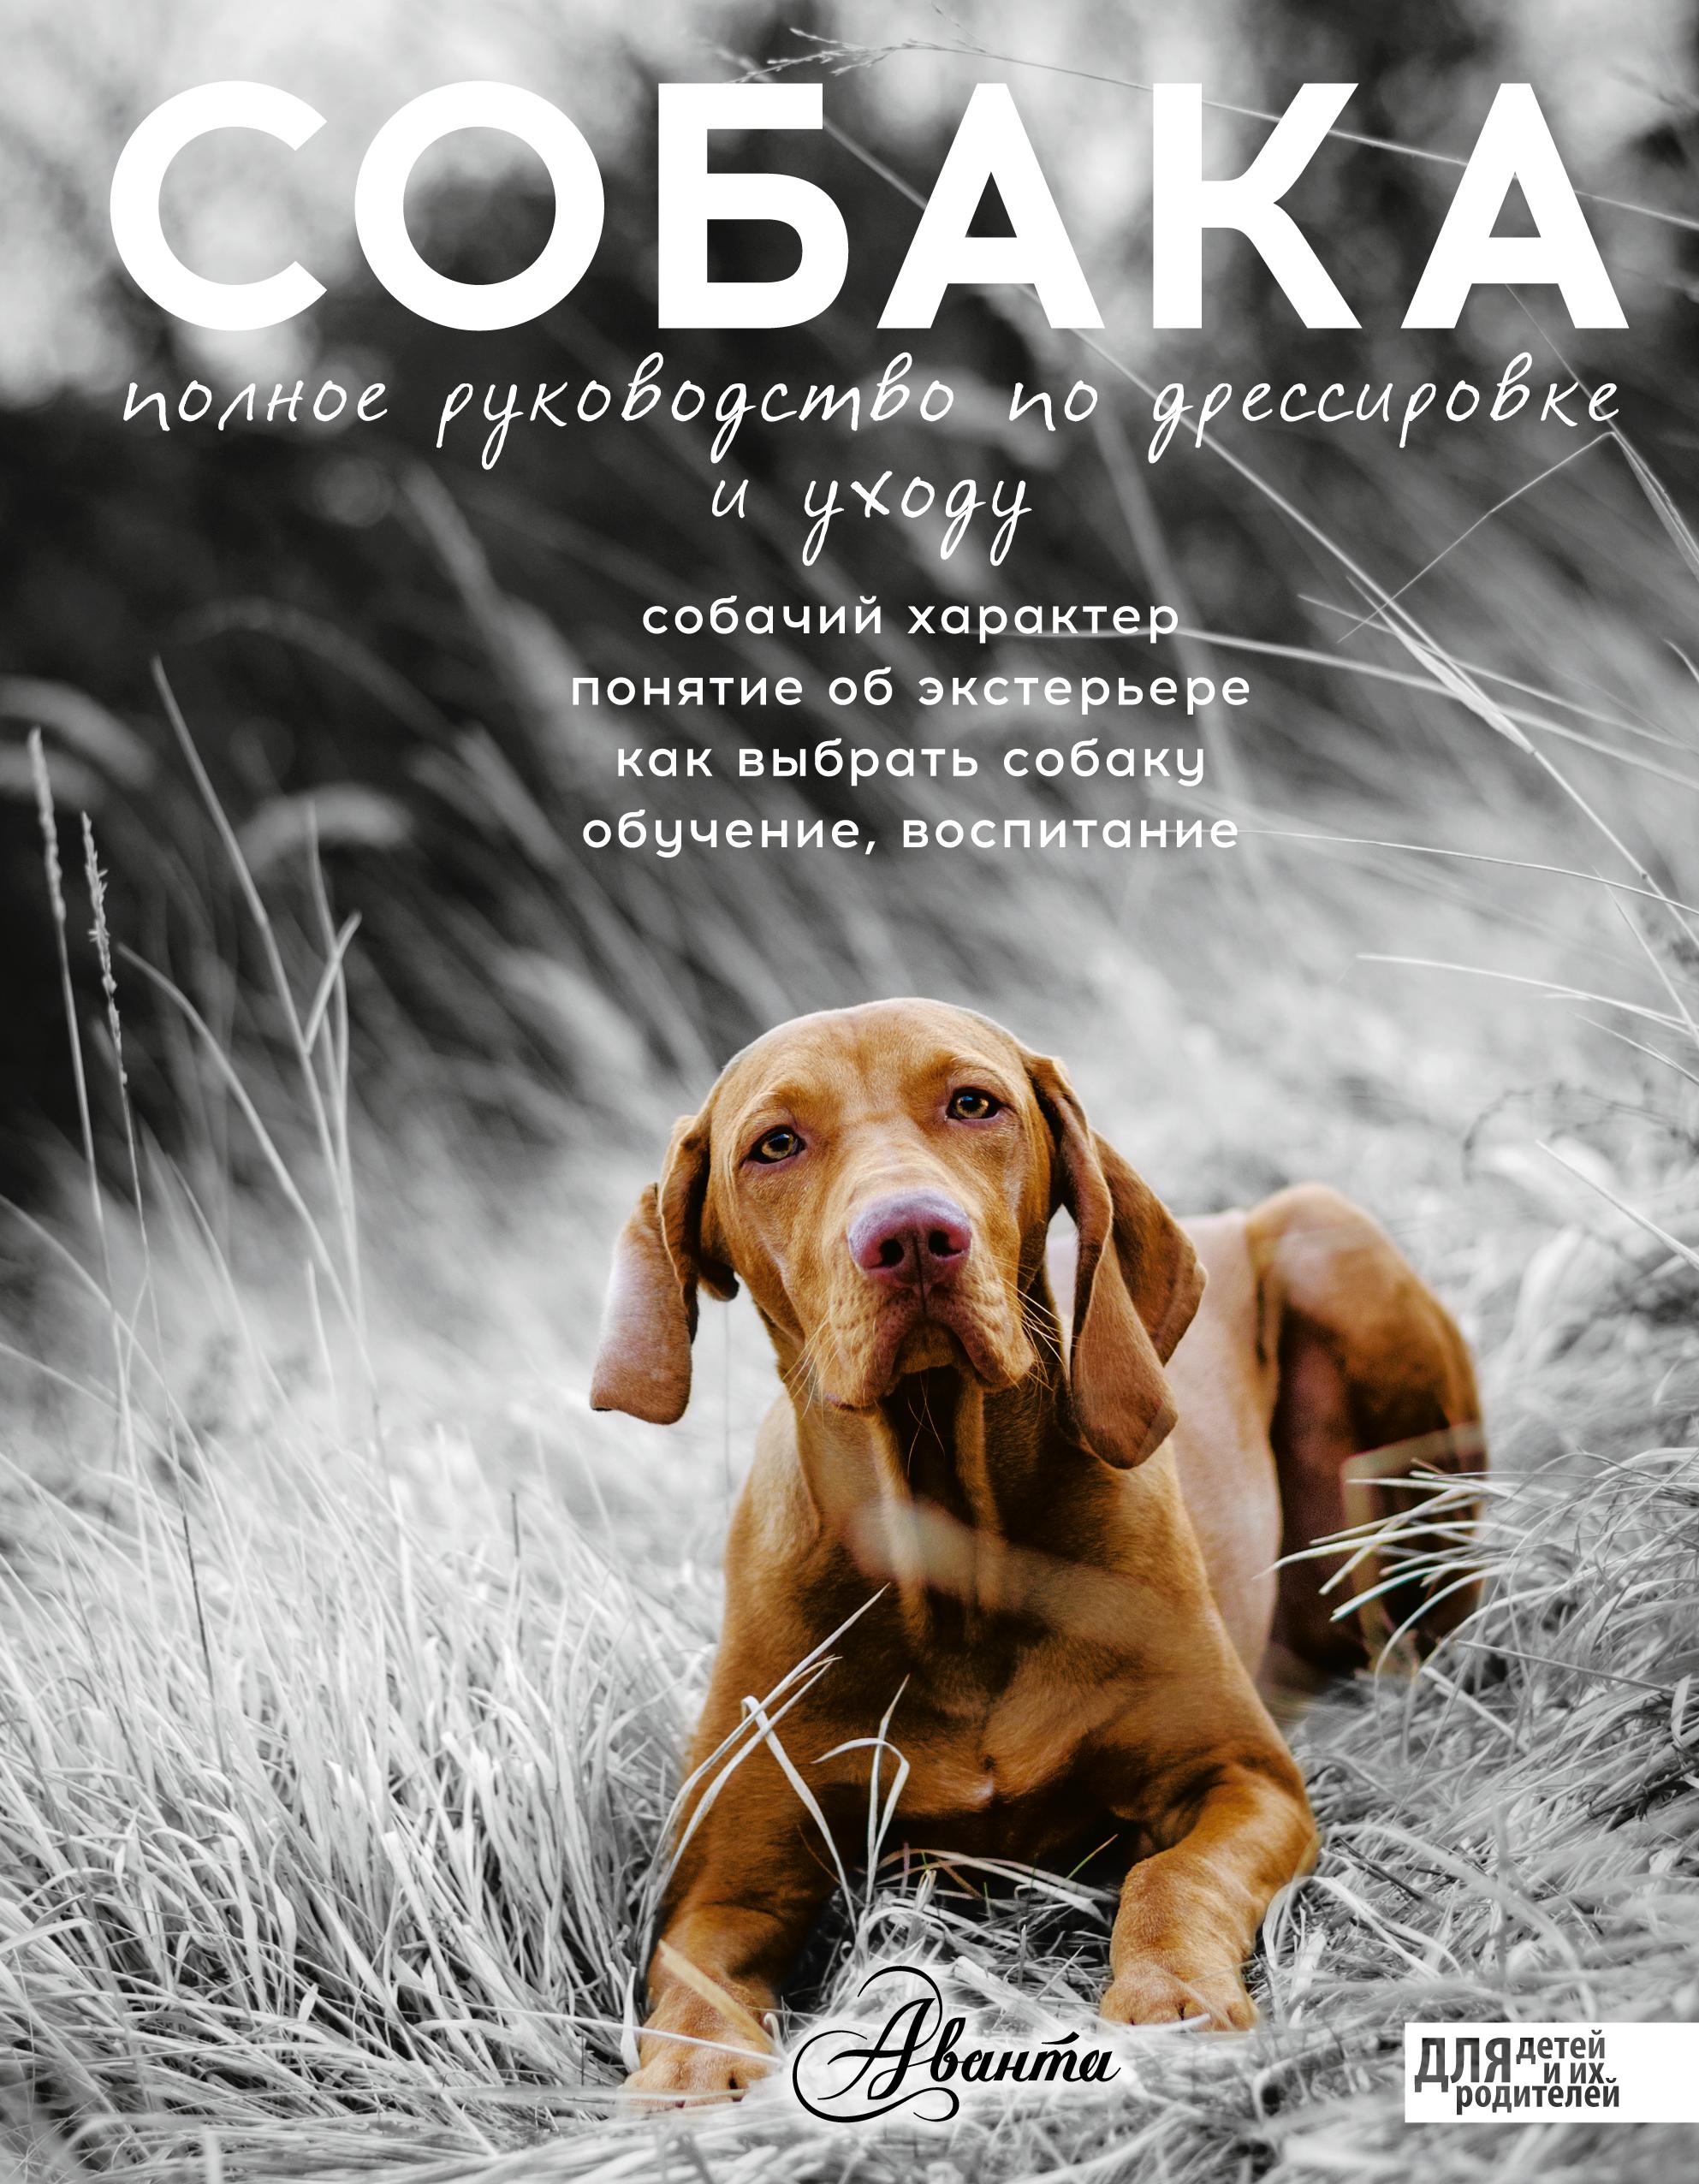 Целлариус А.Ю. Собака. Полное руководство по дрессировке и уходу алексей целлариус cобака полное руководство по воспитанию и уходу